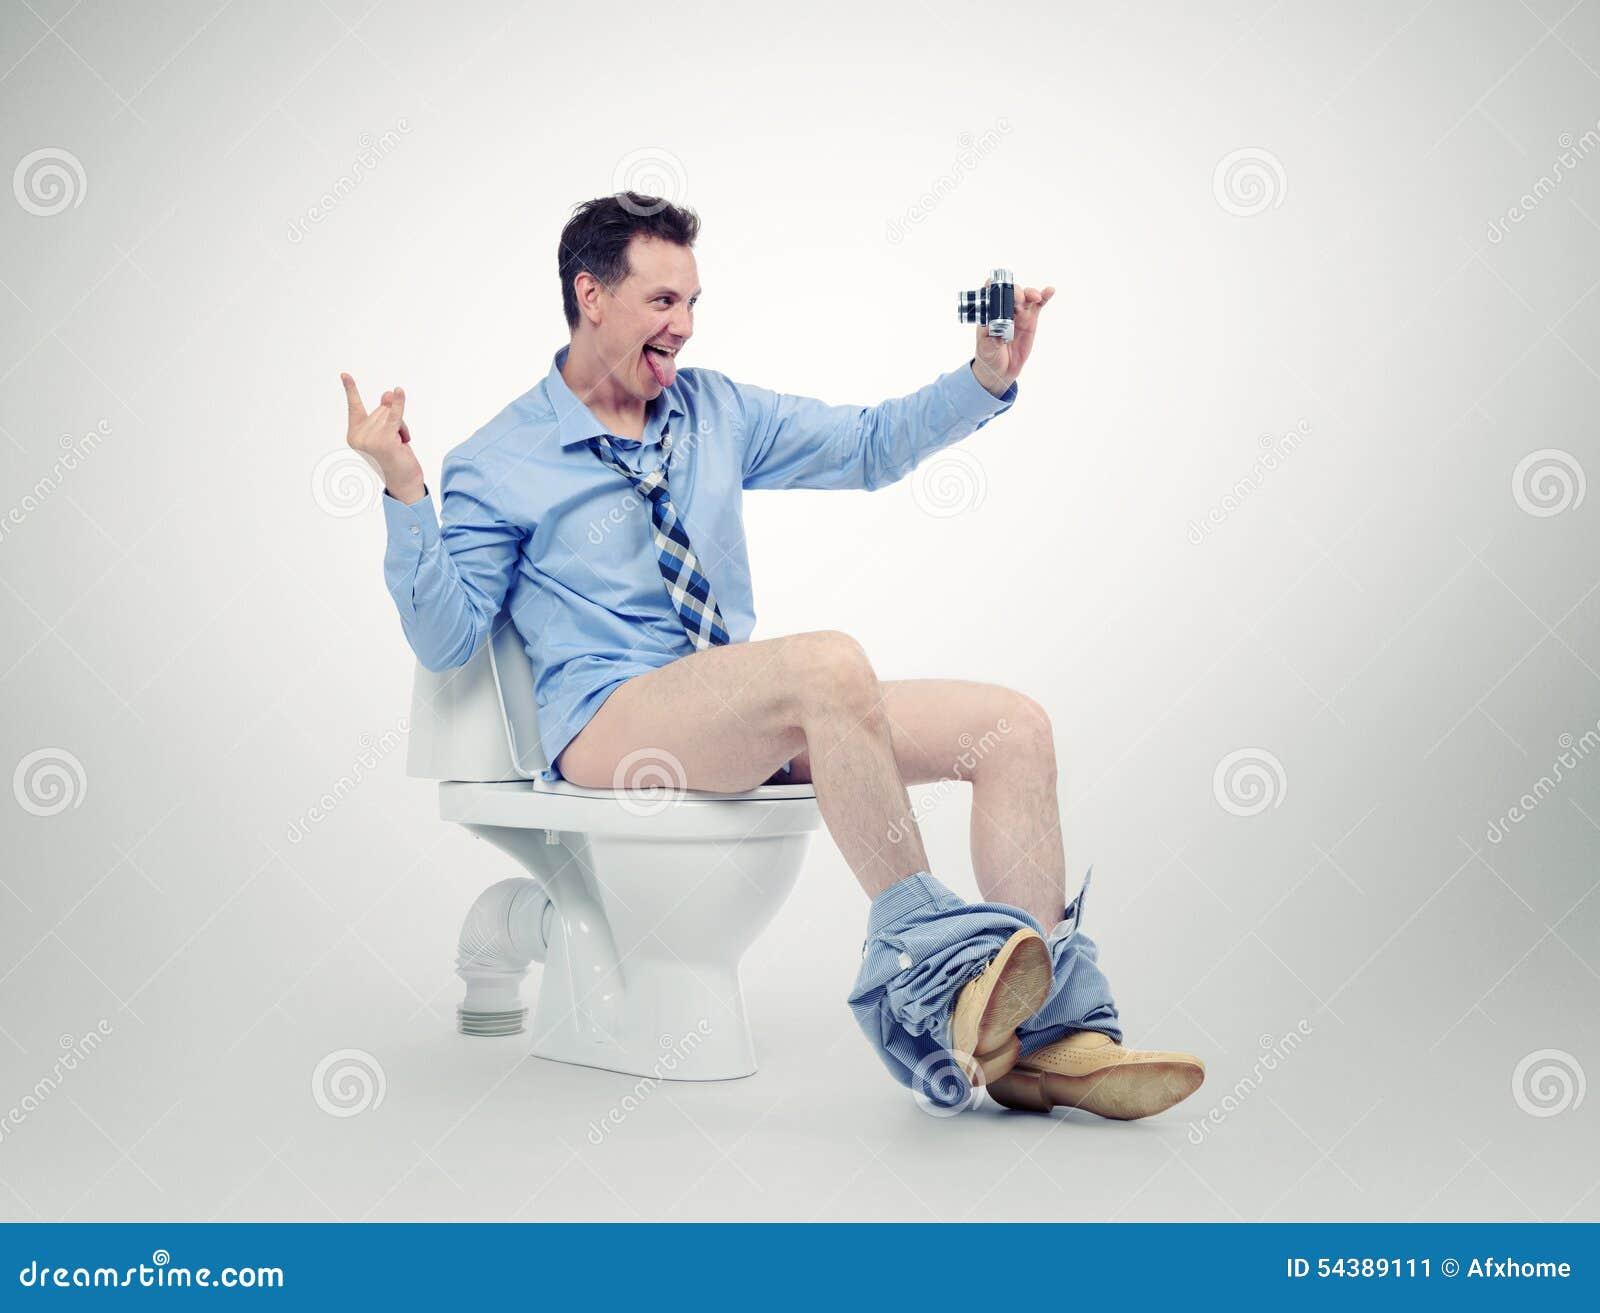 homme-d-affaires-dr-le-se-photographiant-dans-la-toilette-54389111